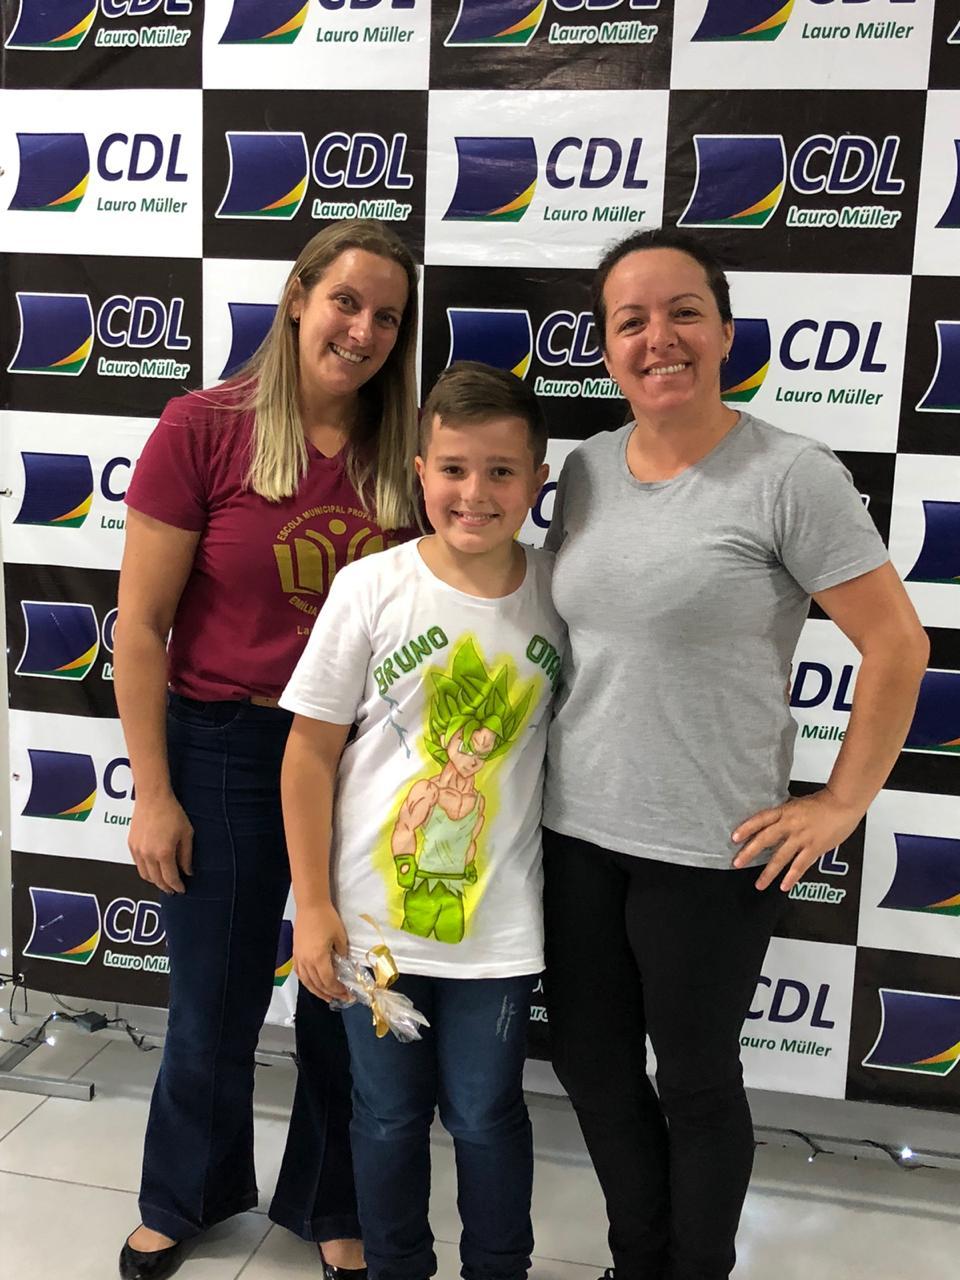 CDL premia ações de sensibilização ambiental em escolas municipais de Lauro Müller (7)